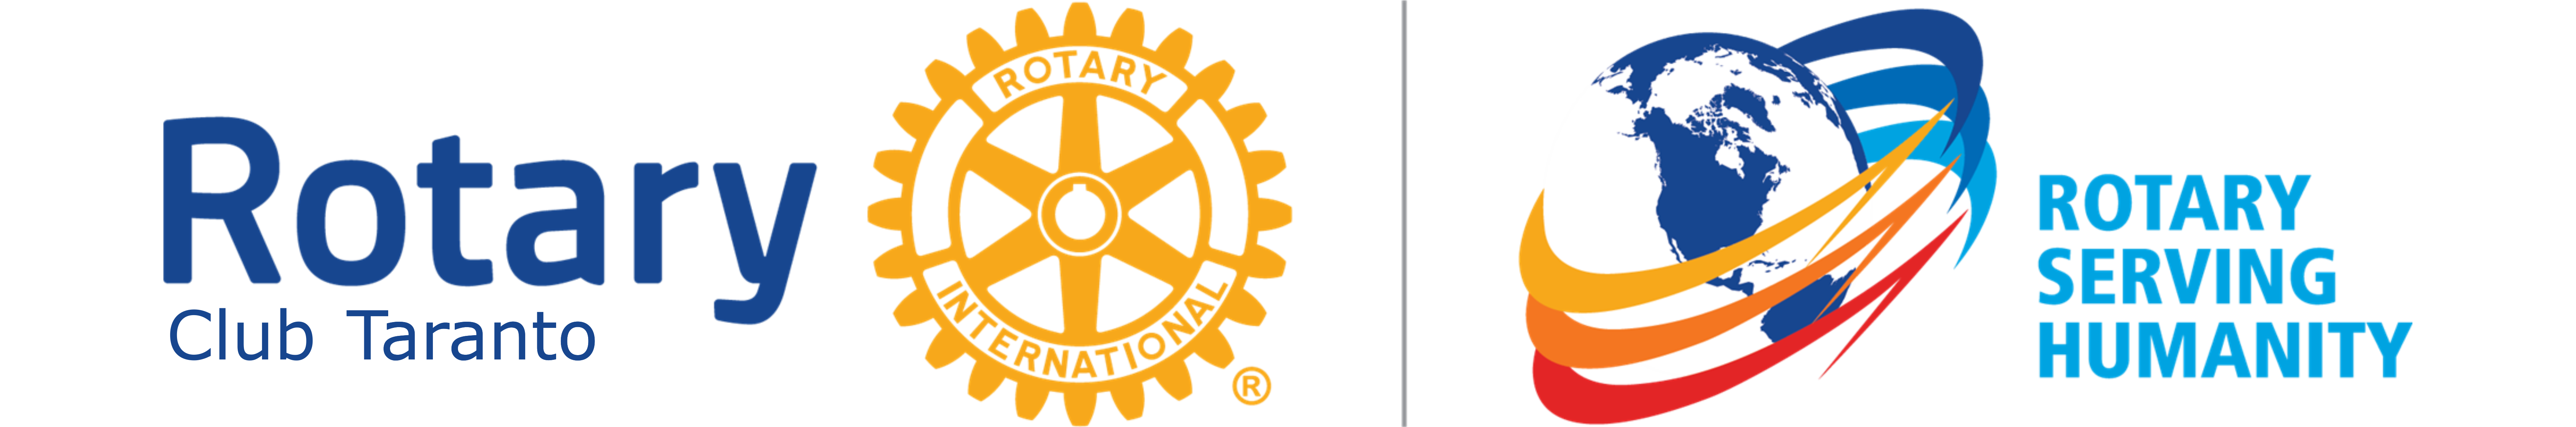 Benvenuti nel nuovo sito del Rotary Club Taranto!